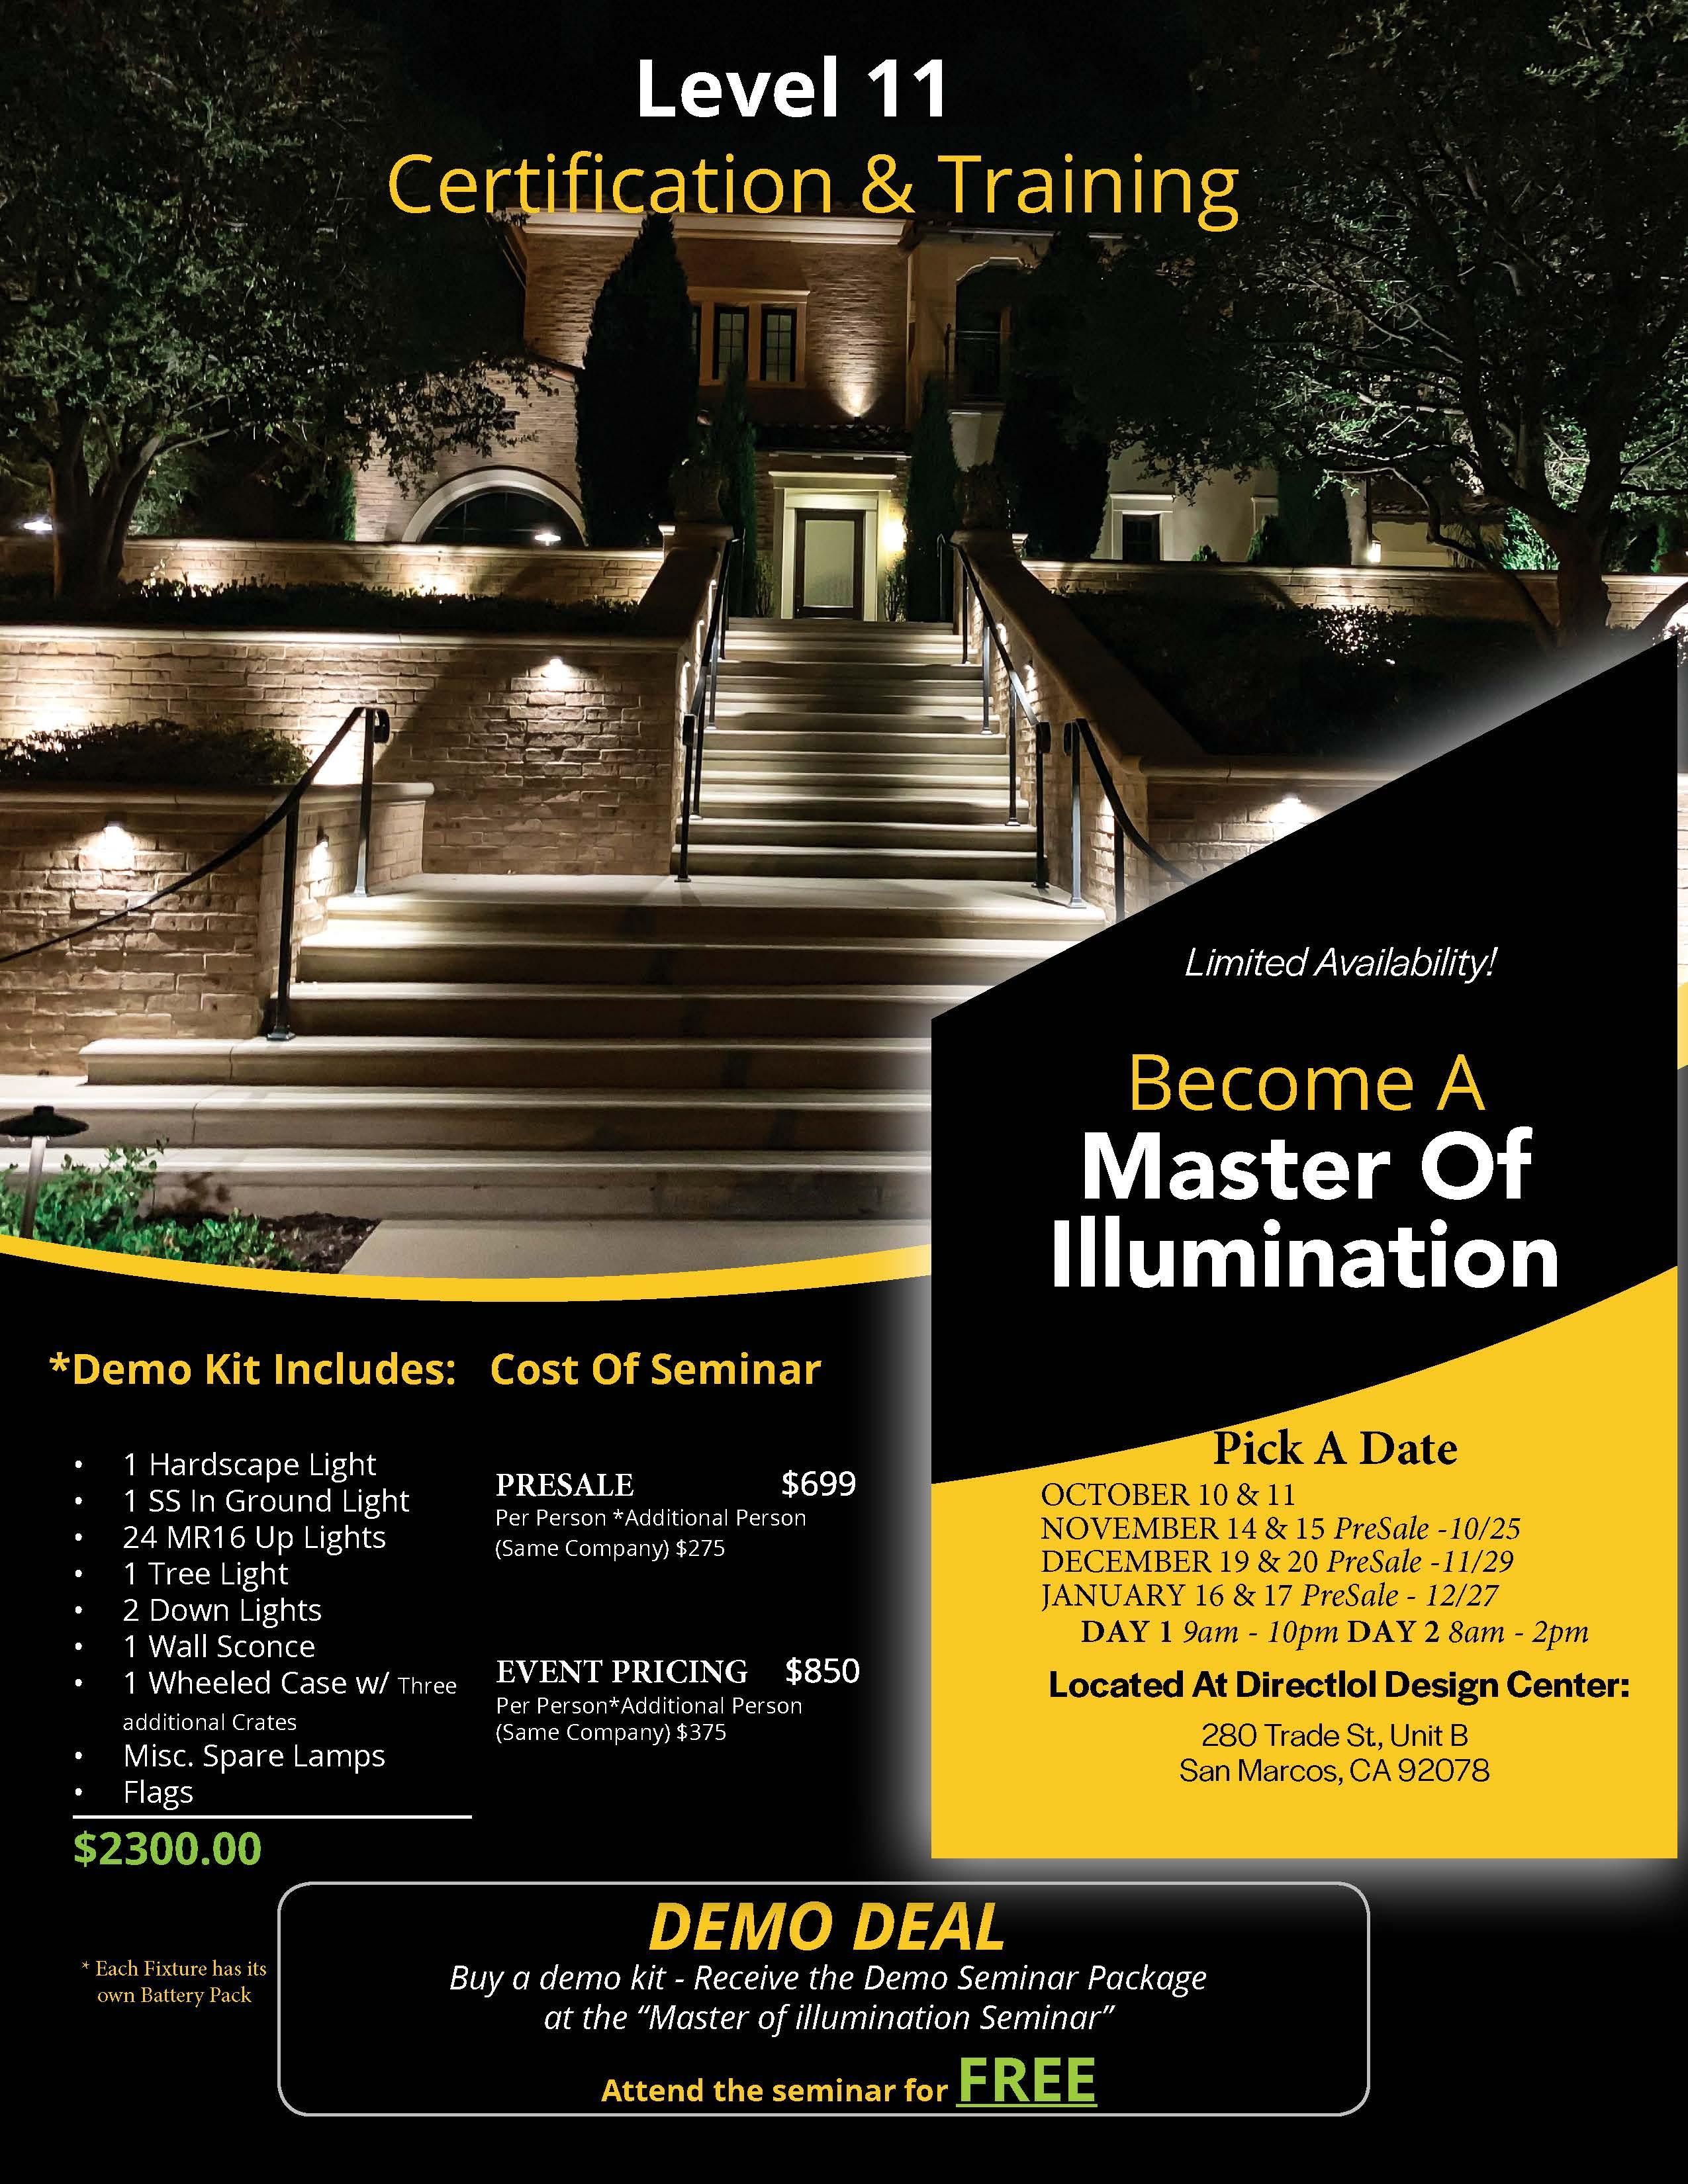 master-illumination-seminar-all-dates-page-1.jpg